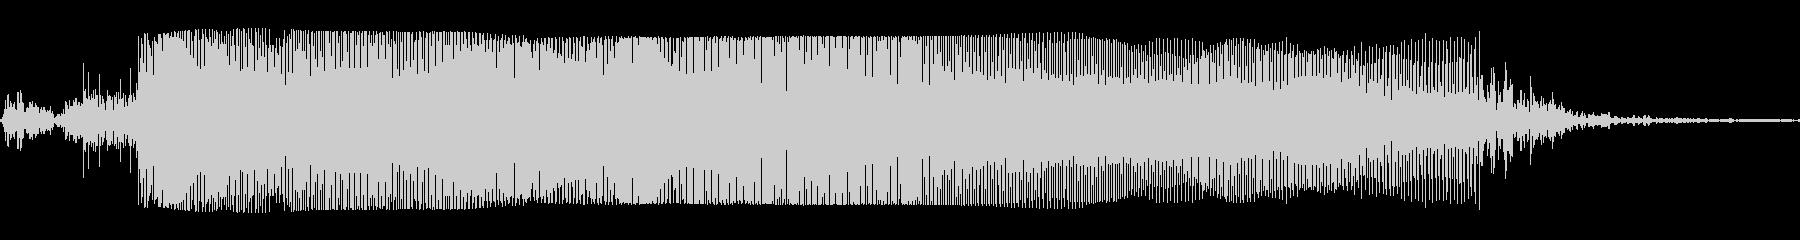 ギターメタルパワーコードzc wの未再生の波形